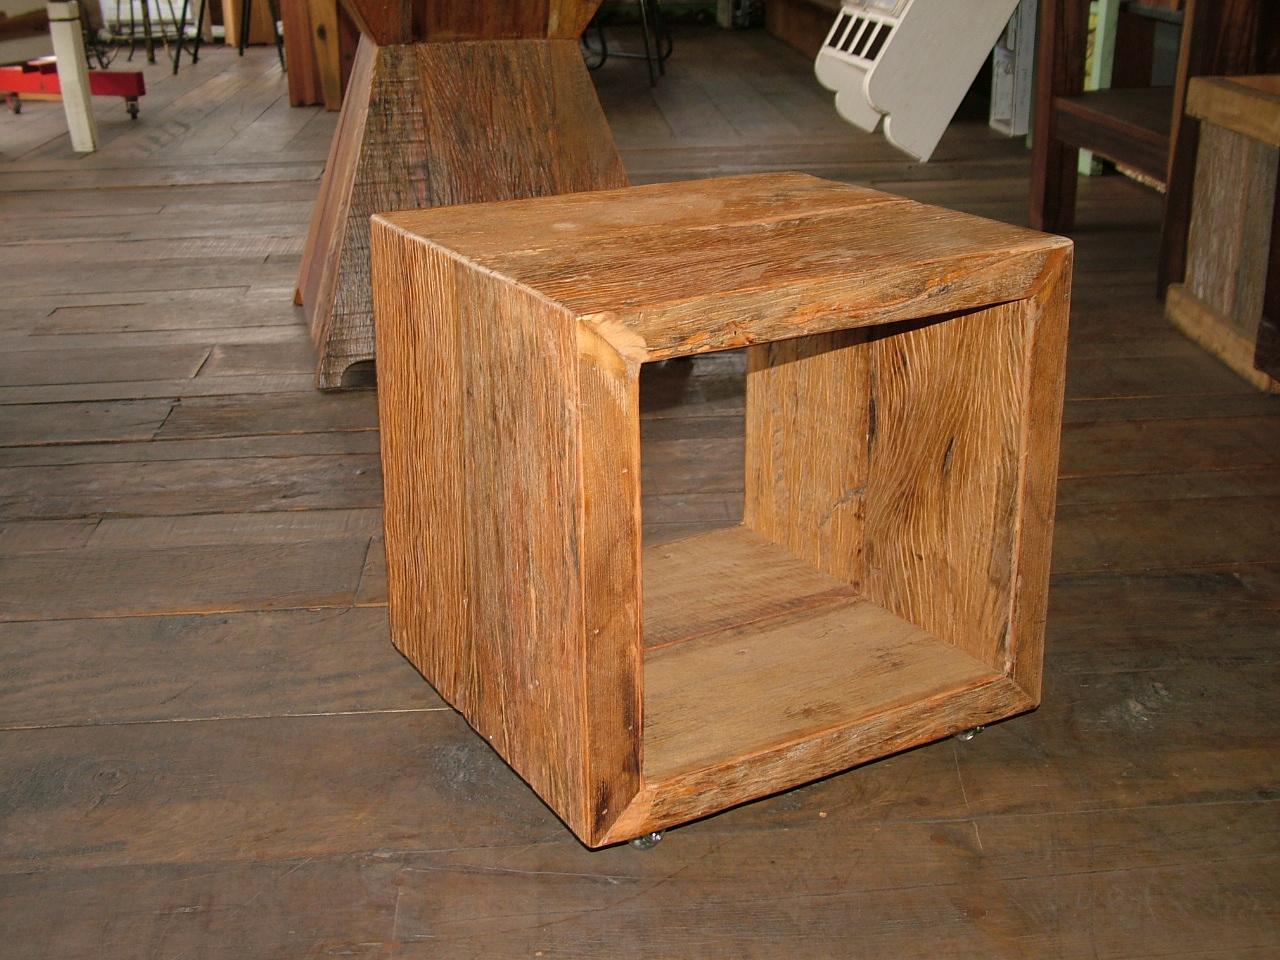 Cubos de madera usos y utilidades cubos de madera 2 - Cubos de madera ...